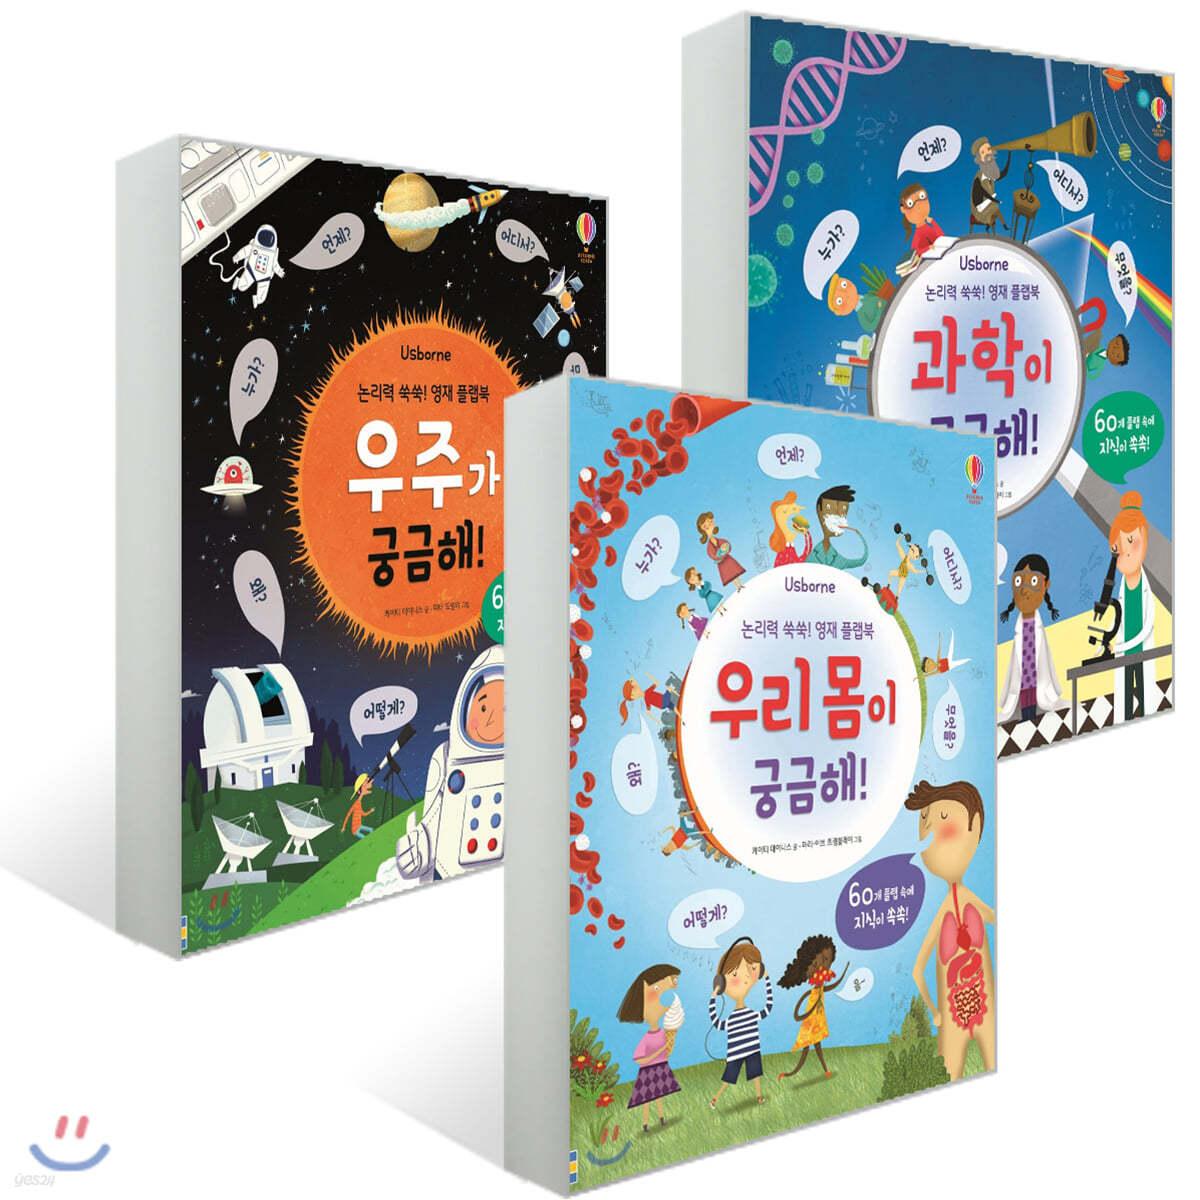 논리력 쑥쑥! 영재 플랩북 3권 세트